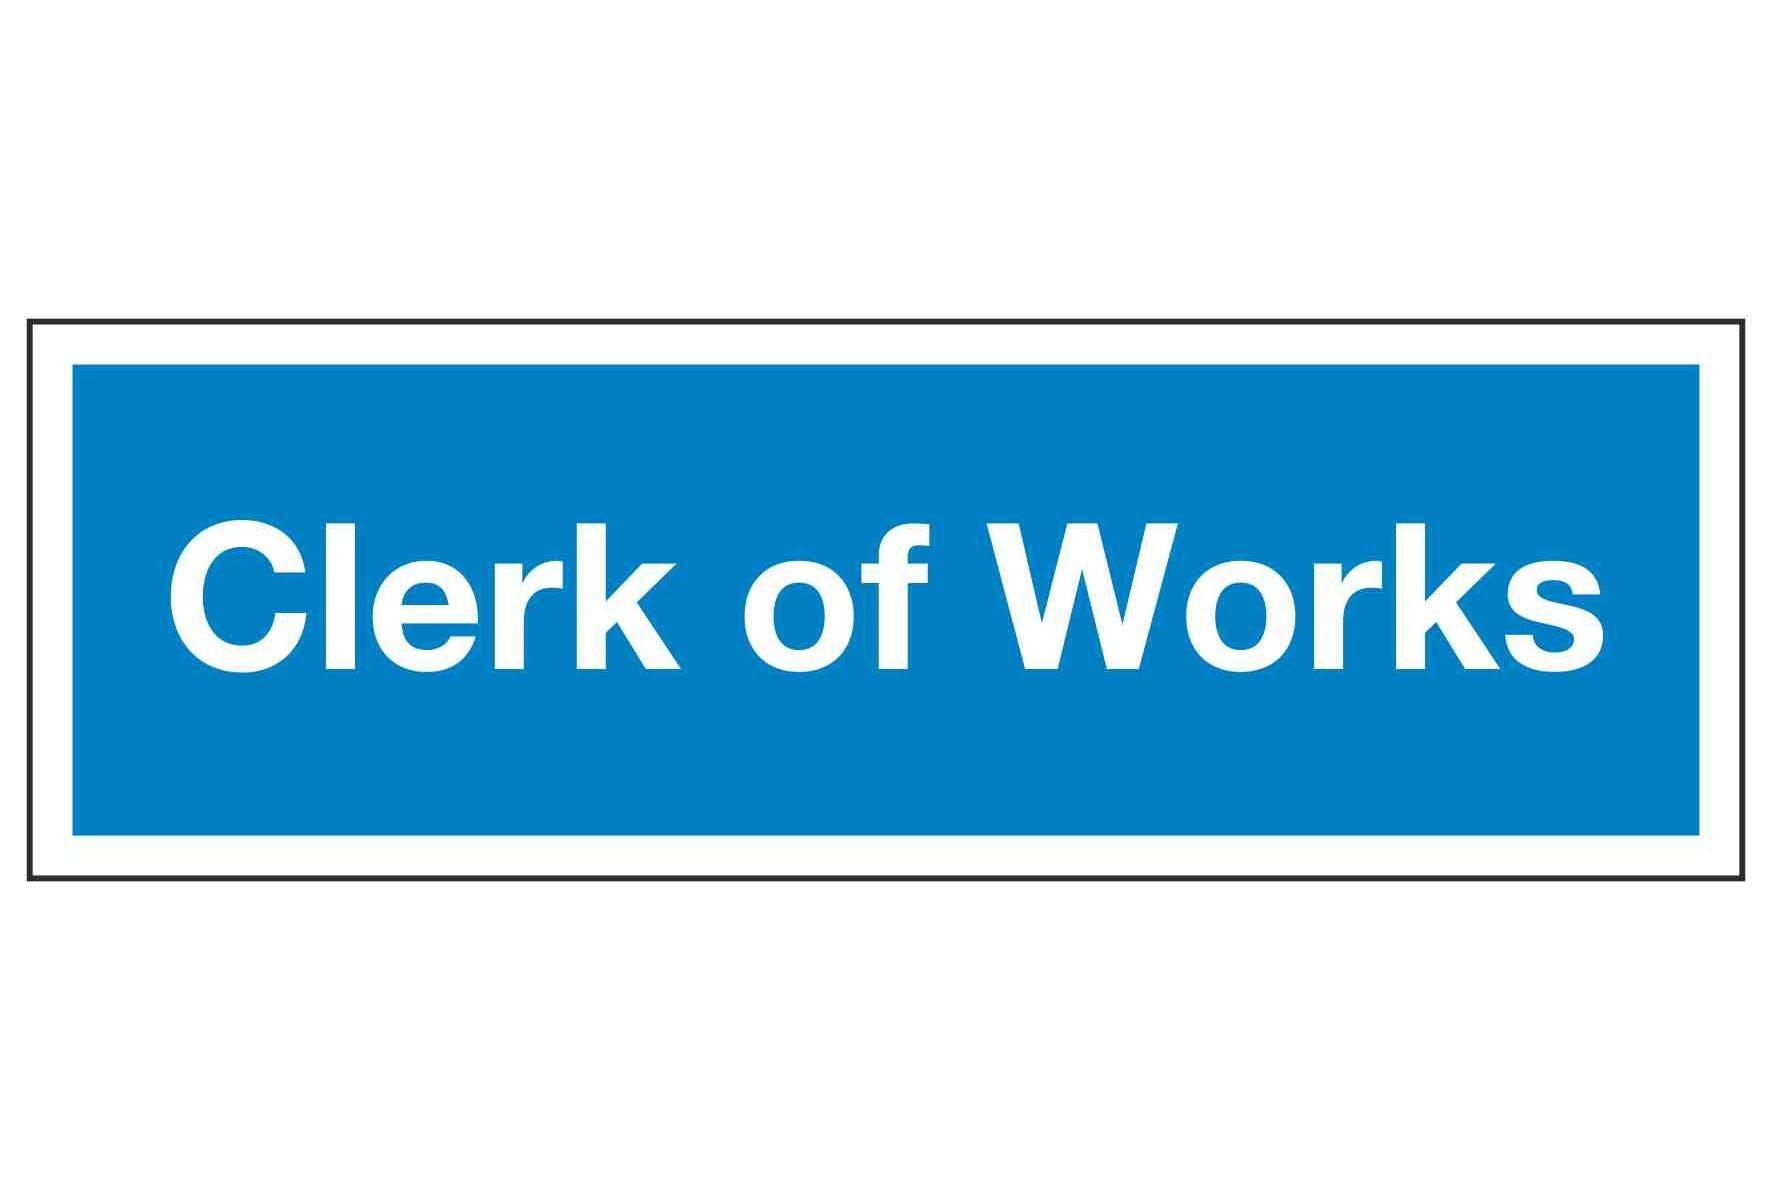 Clerk of Works